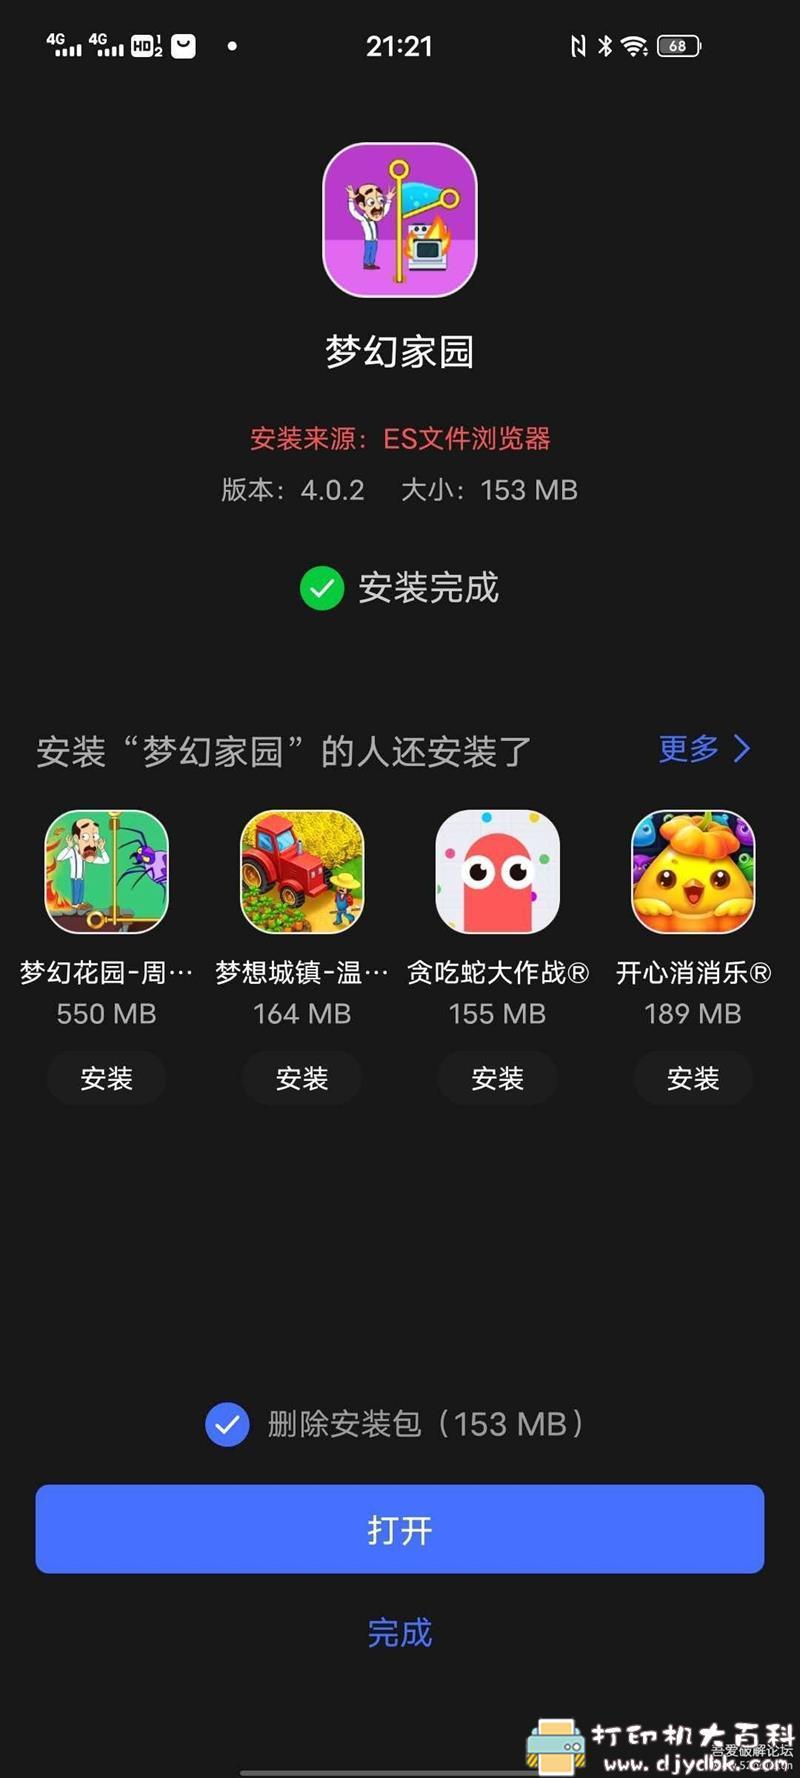 安卓游戏分享:梦幻家园-Homescapes v4.0.2 mod版(越购买星星越多) 配图 No.2